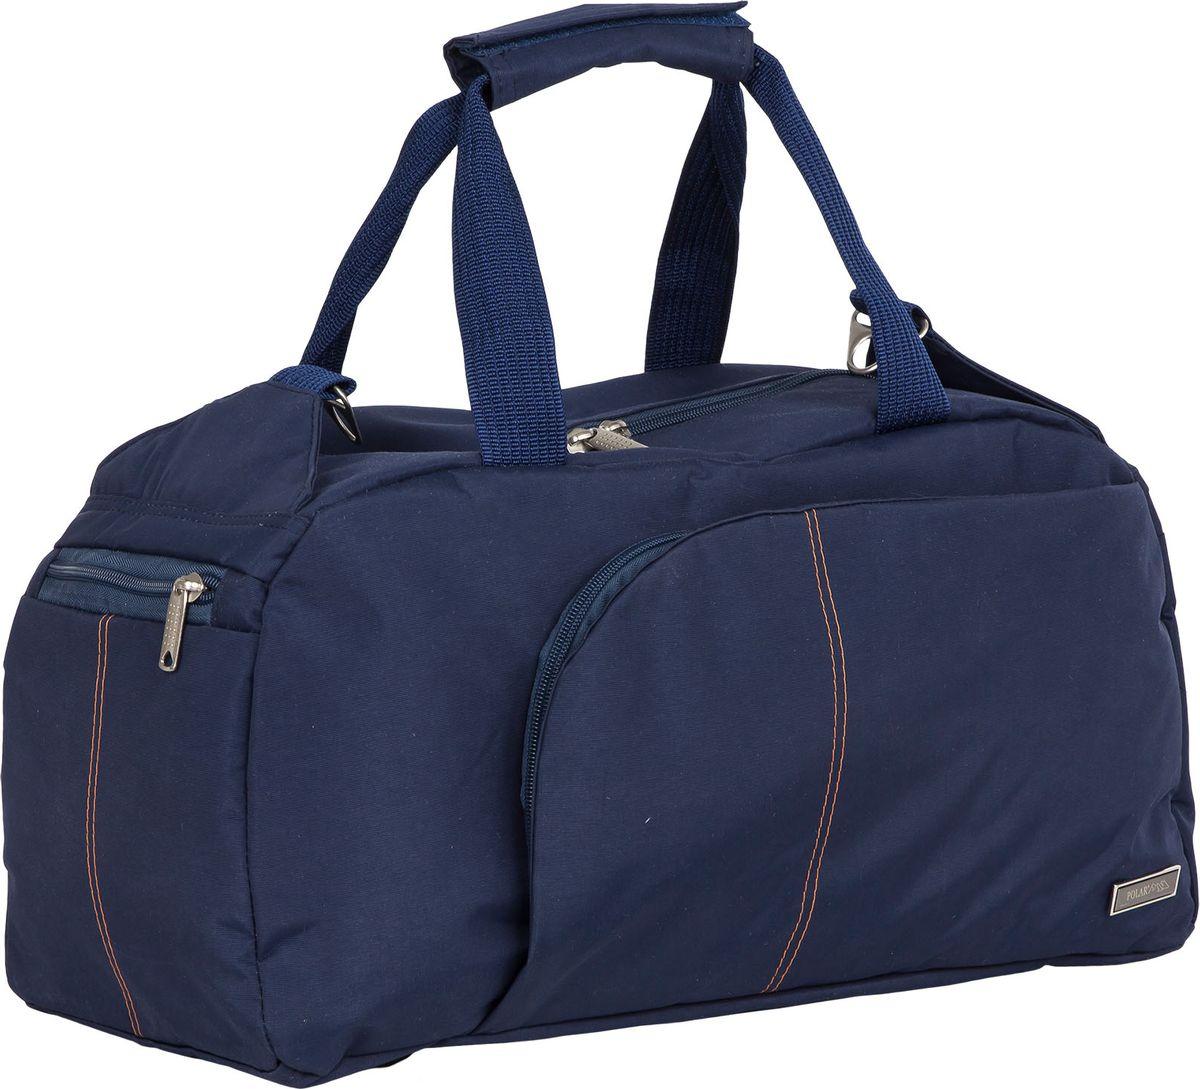 Сумка для фитнеса Polar, цвет: синий, 24 л. П7072П7072Вместительнаядорожная сумка Polar - незаменимый аксессуар в путешествиях, походах и просто для занятий спортом.Выполнена из высокопрочного полимера. Благодаря удобной организации пространства сумки (большое отделение с карманом на молнии, два боковых кармана для мелочей на молнии и карманы на передней и задней частях сумки) вы сможете быстро находить такие нужные вещи как кошелек, ключи, документы и пр.. Сумка оснащена ножками-подставками из прочного износостойкого пластика для бережной эксплуатации.В комплект входит съемный плечевой ремень для удобного ношения.Высота ручек 20 см.